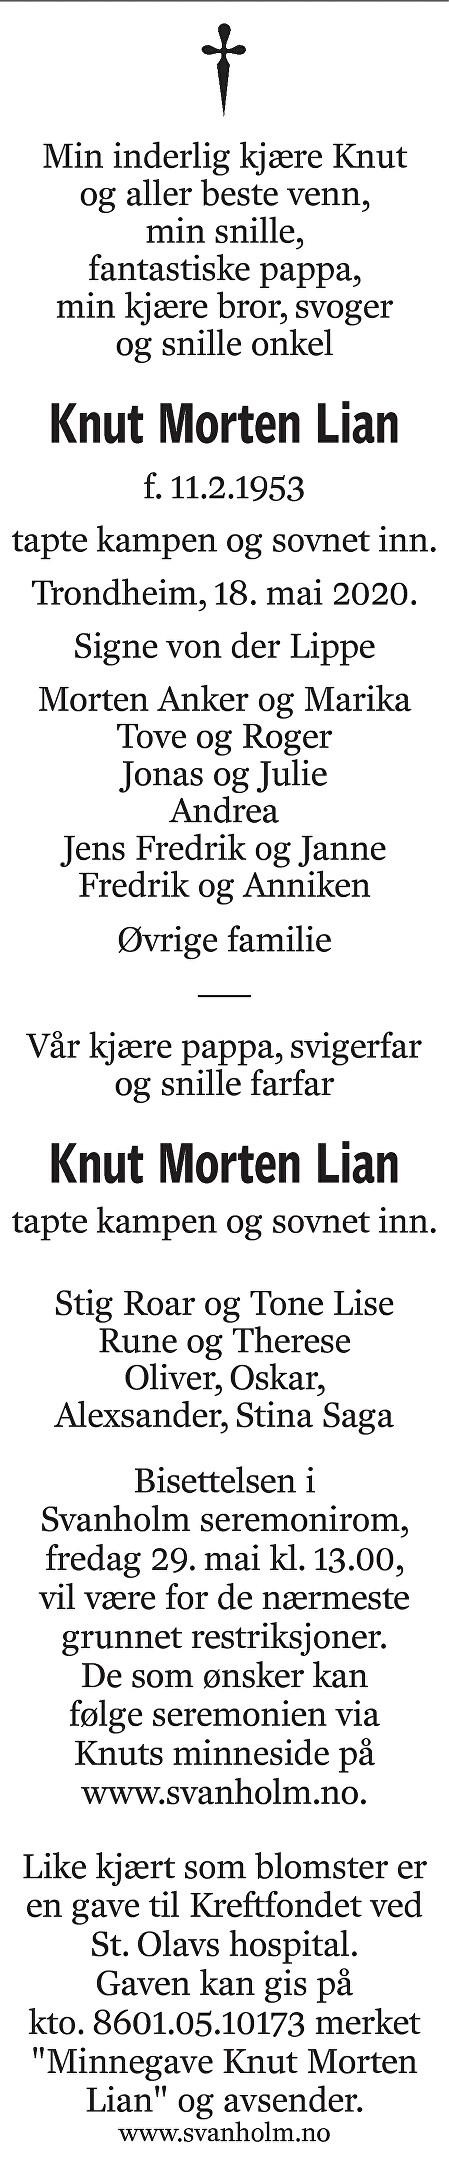 Knut Morten Lian Dødsannonse